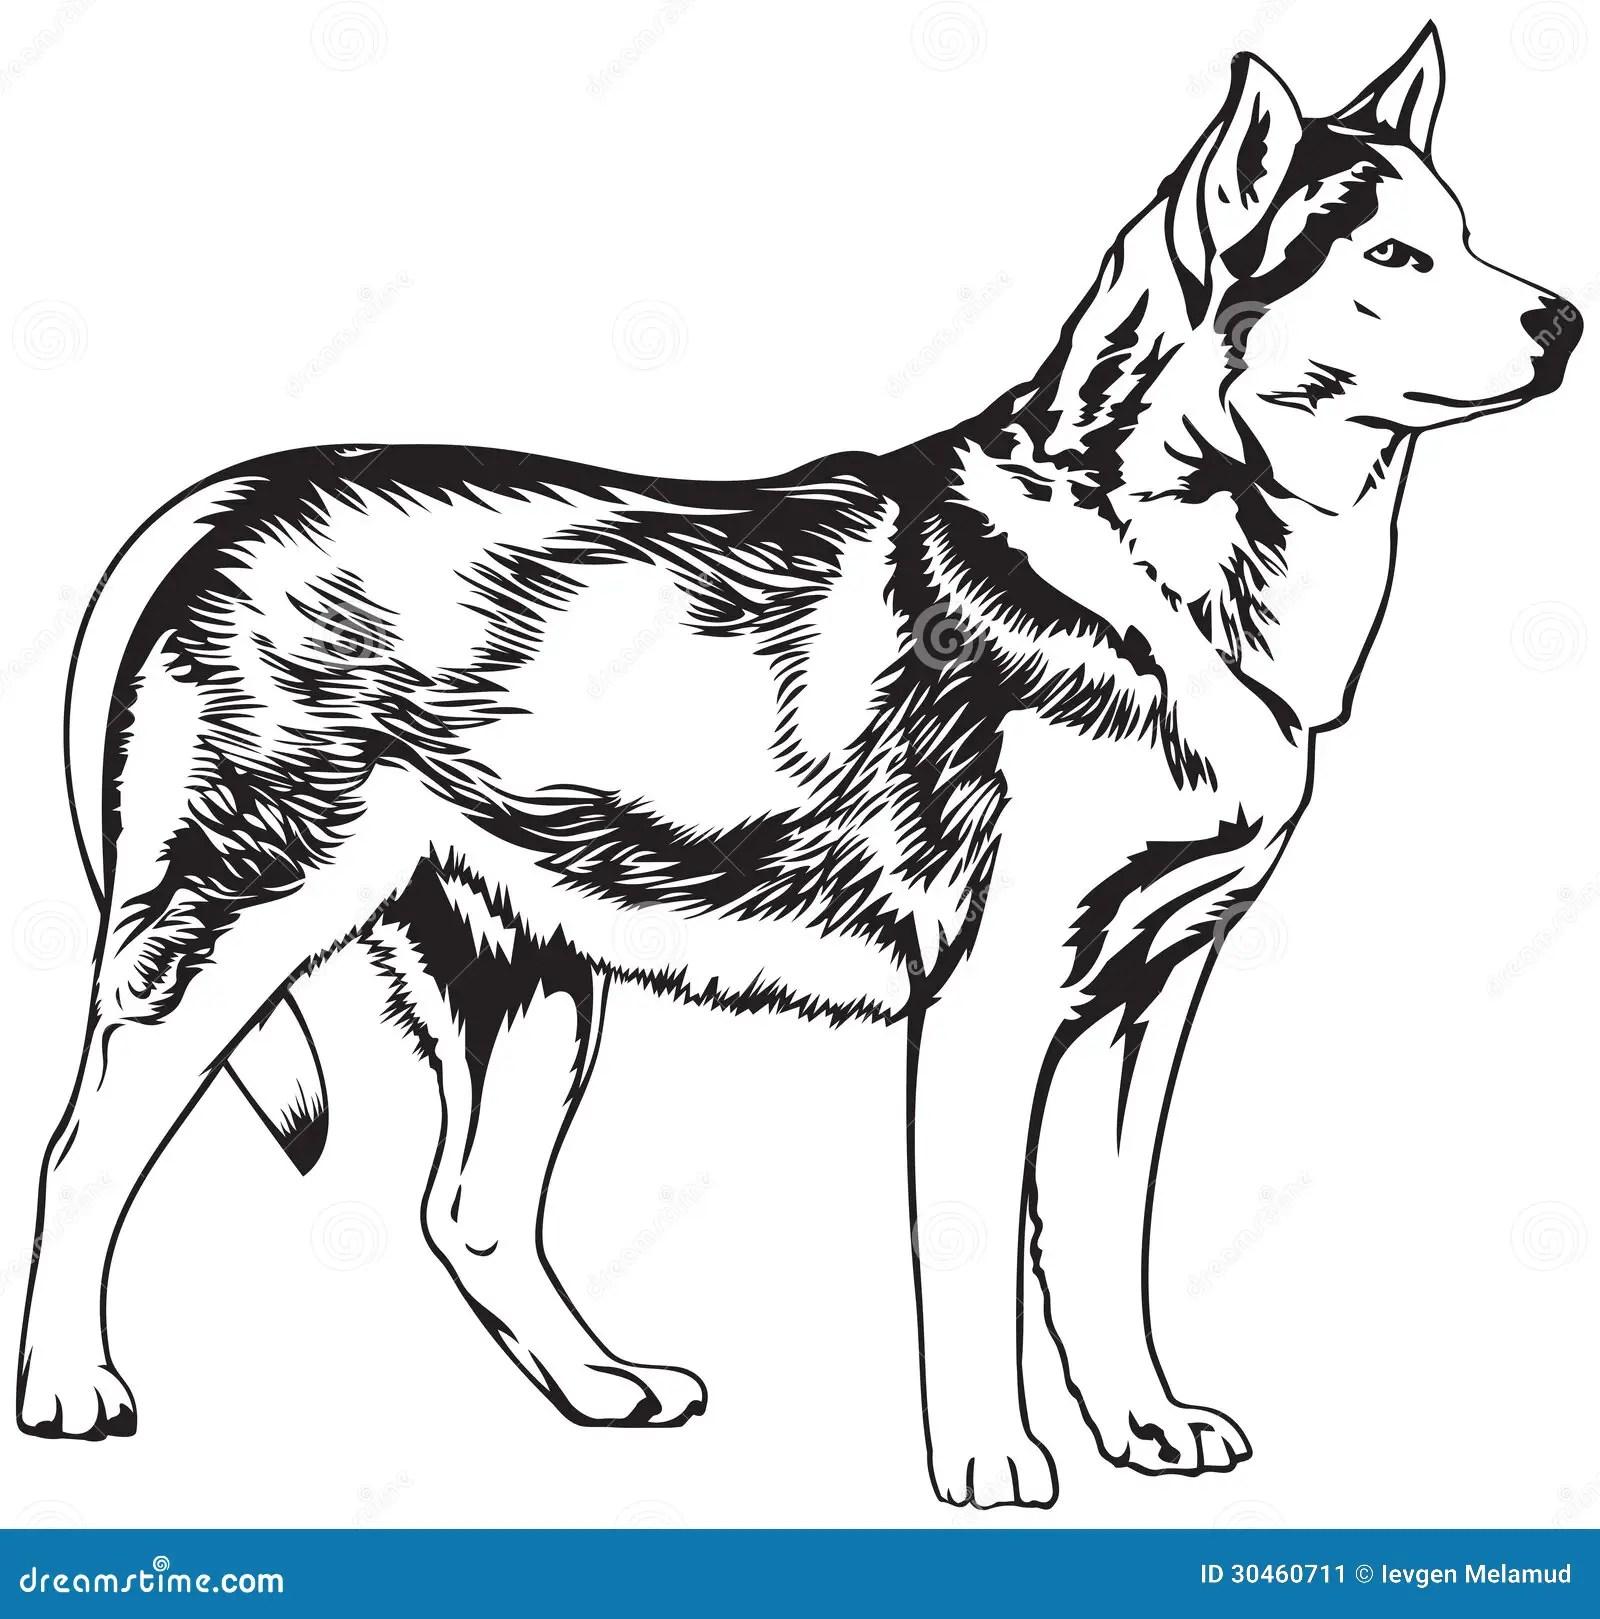 Husky Dog Breed Vector Illustration Stock Vector